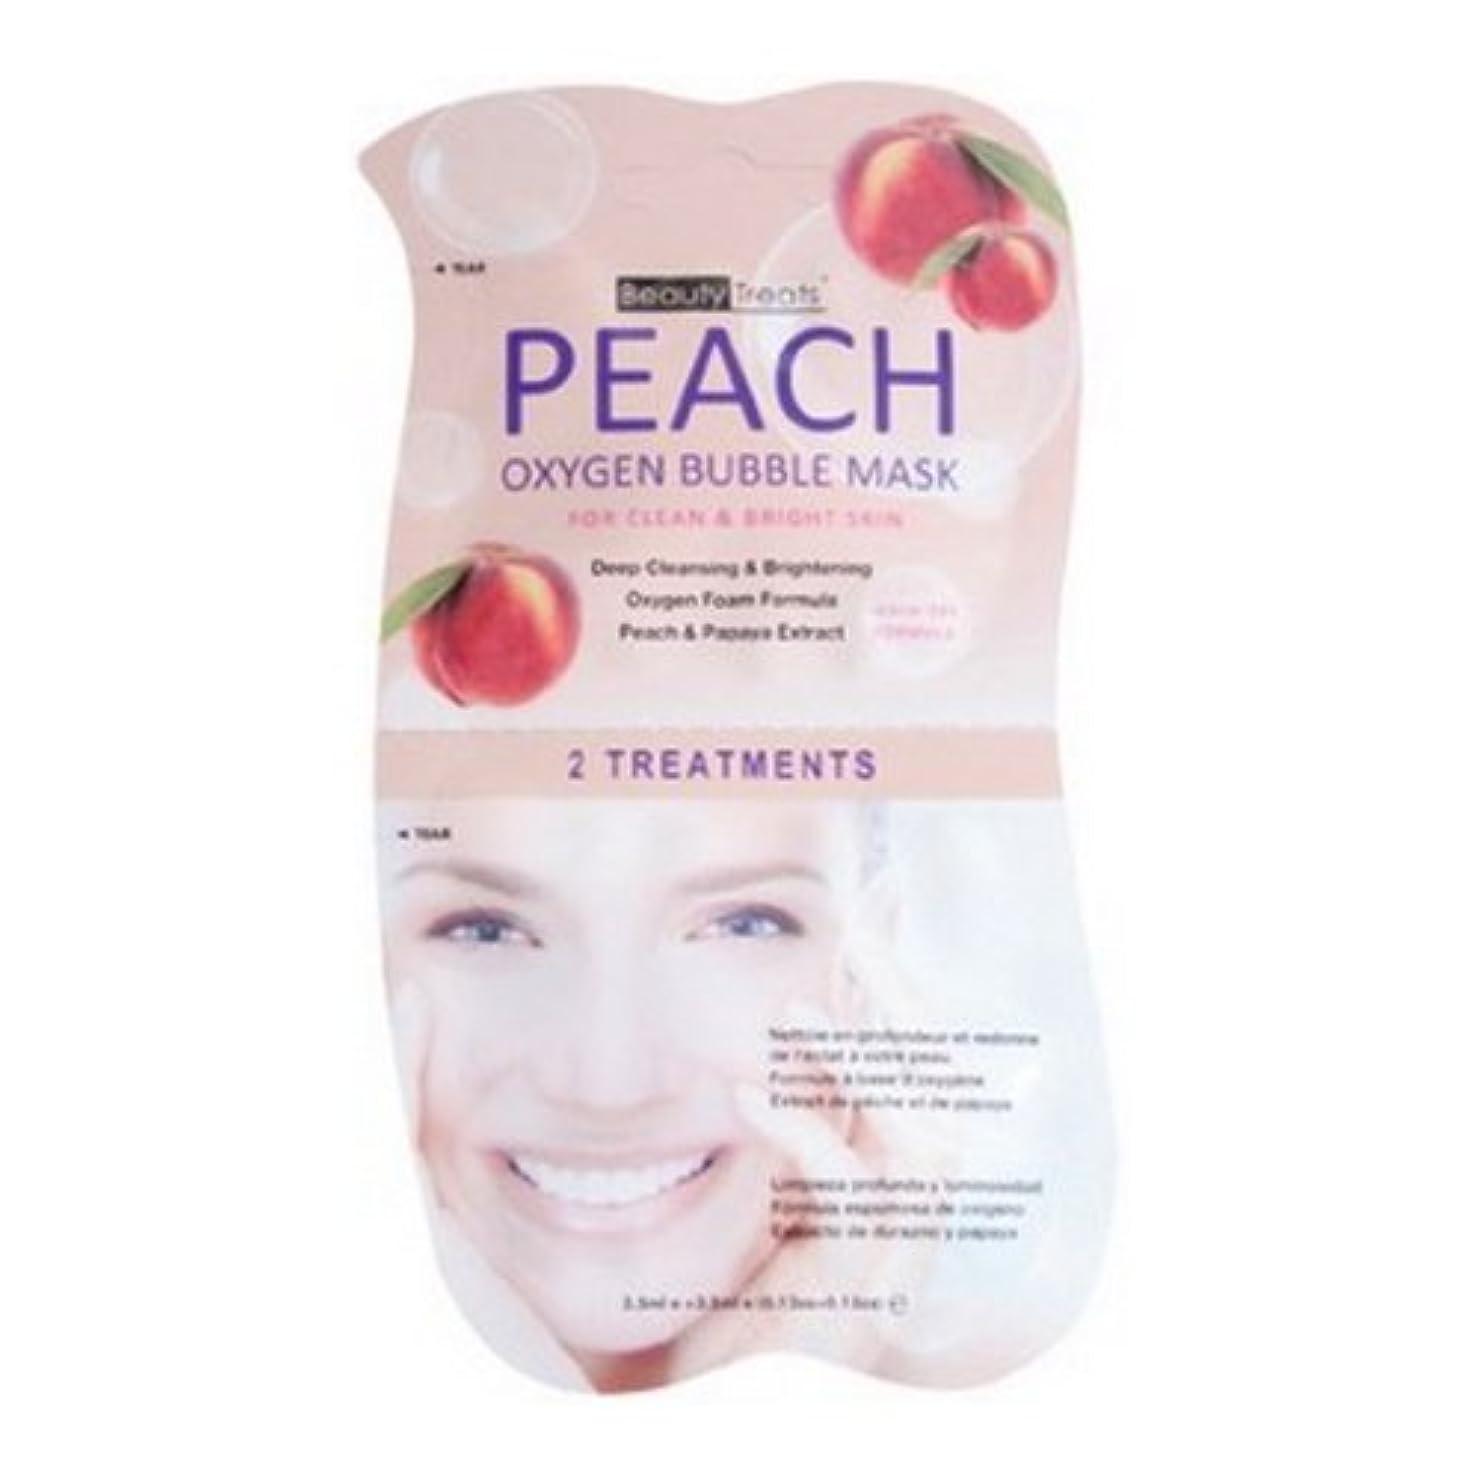 レディのブロンズ(6 Pack) BEAUTY TREATS Peach Oxygen Bubble Mask - Peach (並行輸入品)